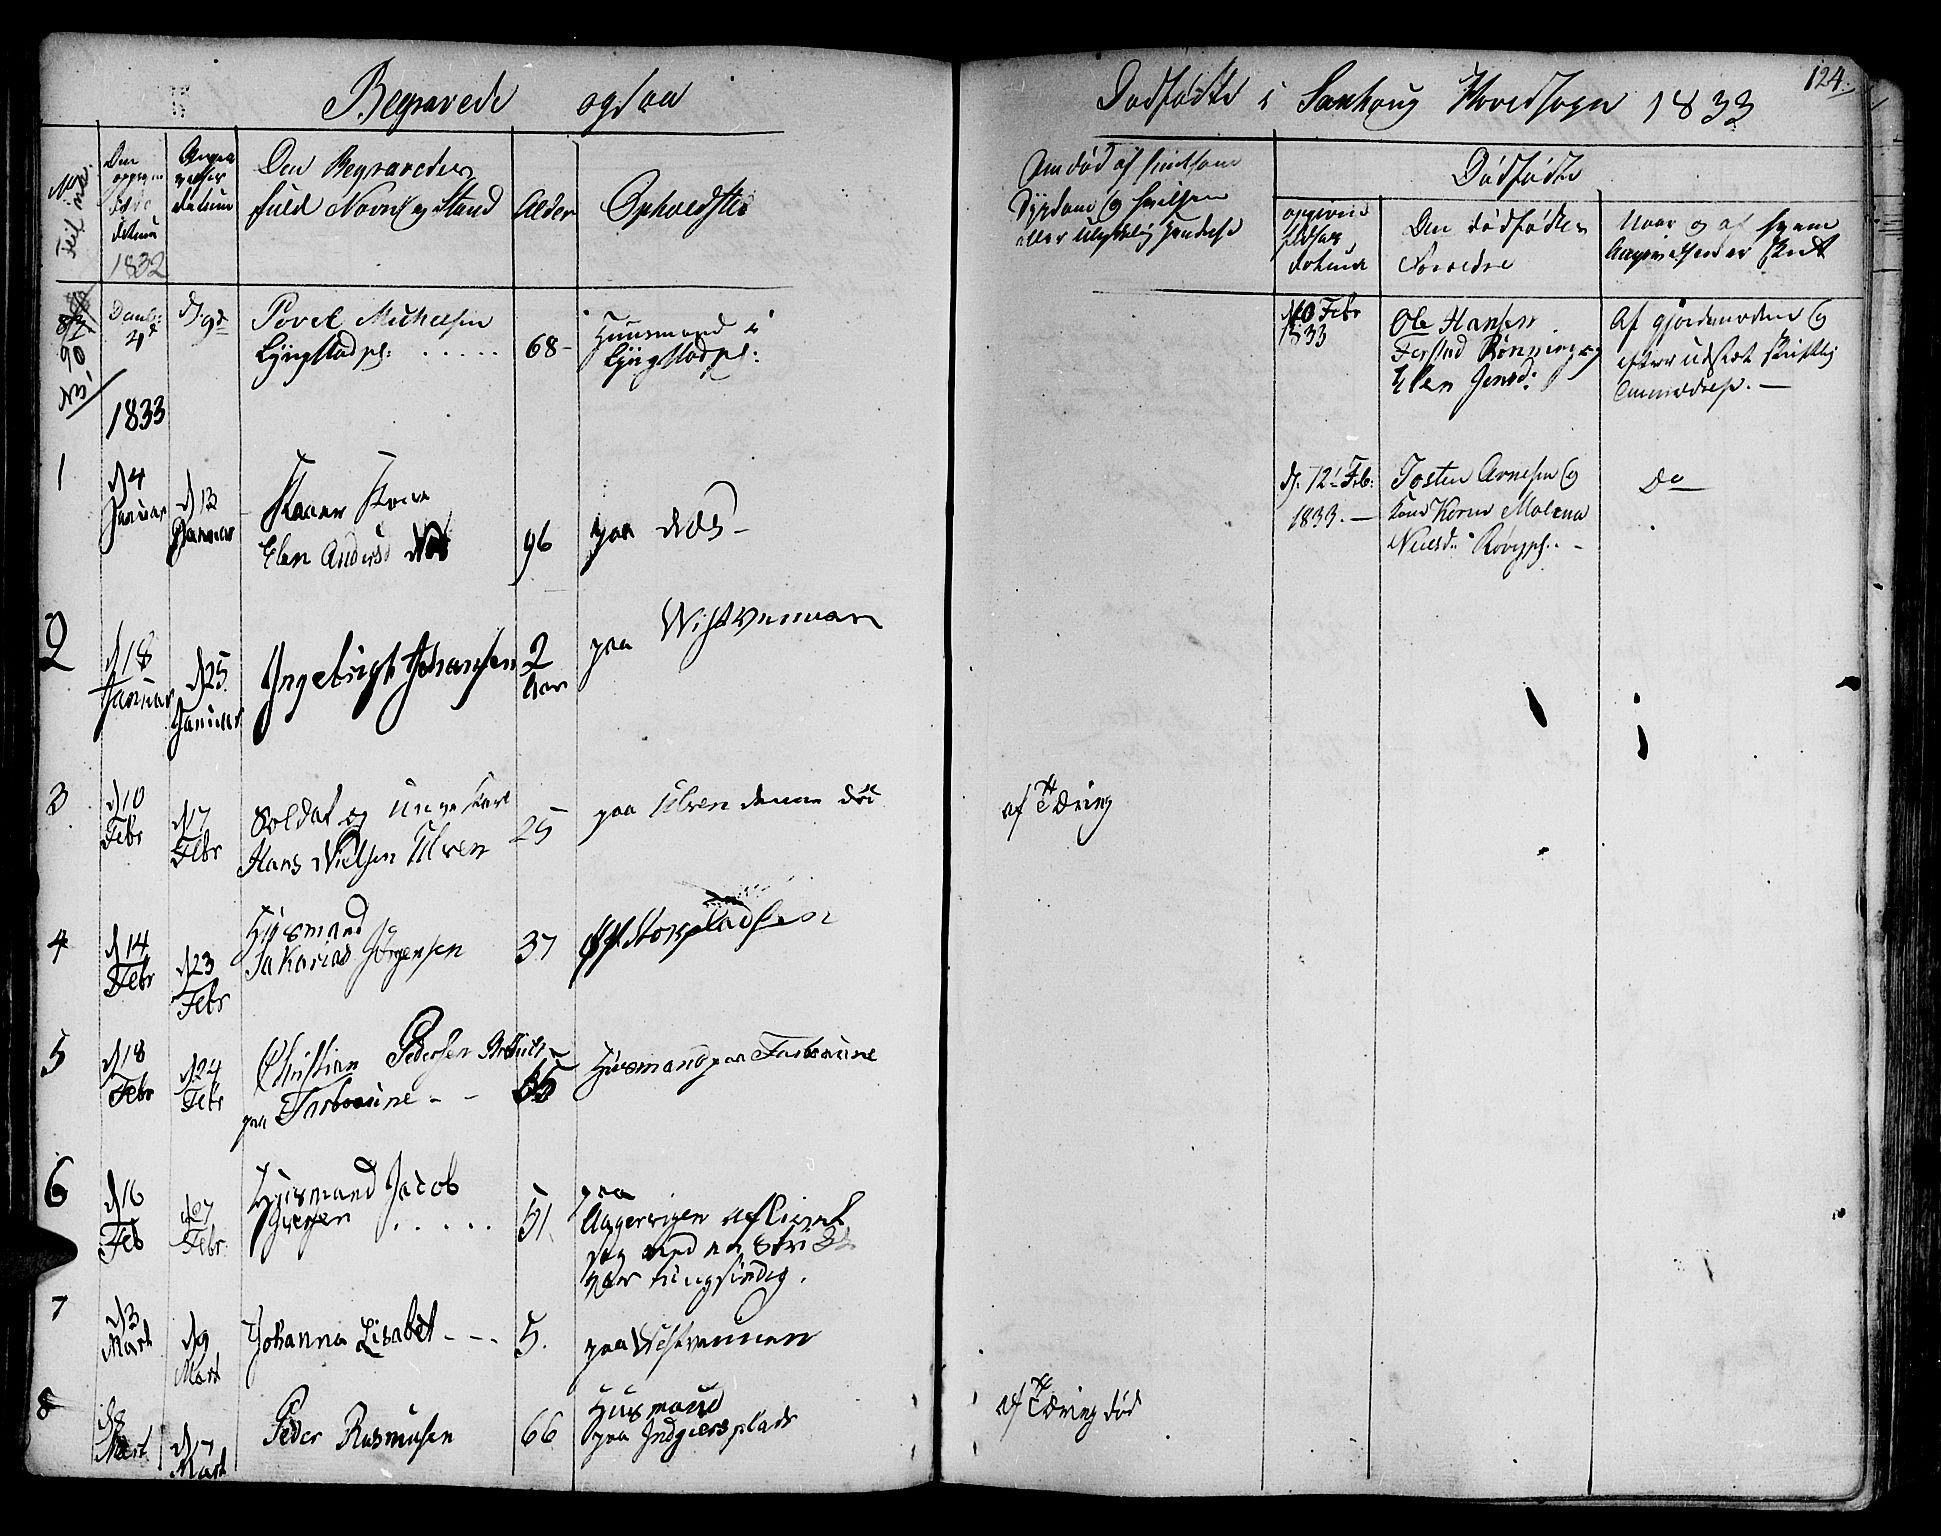 SAT, Ministerialprotokoller, klokkerbøker og fødselsregistre - Nord-Trøndelag, 730/L0277: Ministerialbok nr. 730A06 /1, 1830-1839, s. 124